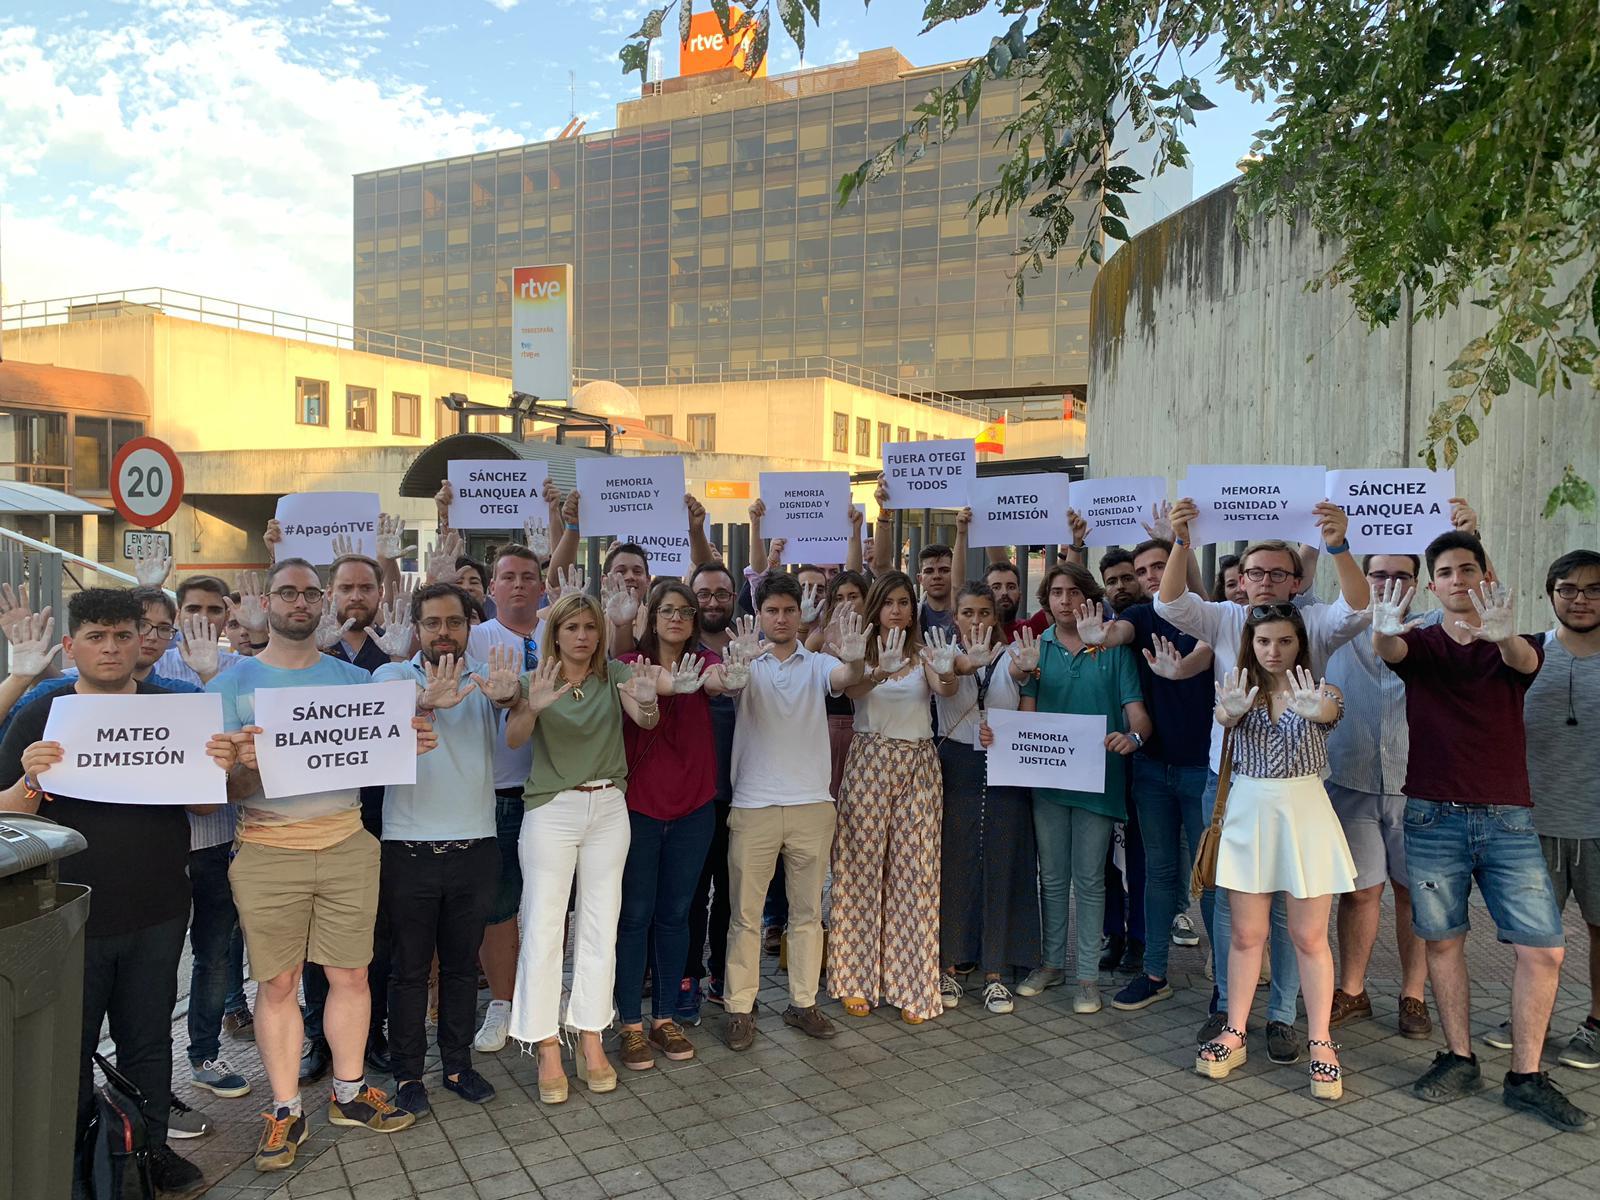 Protesta en TVE por la entrevista de Otegi. @OKDIARIO